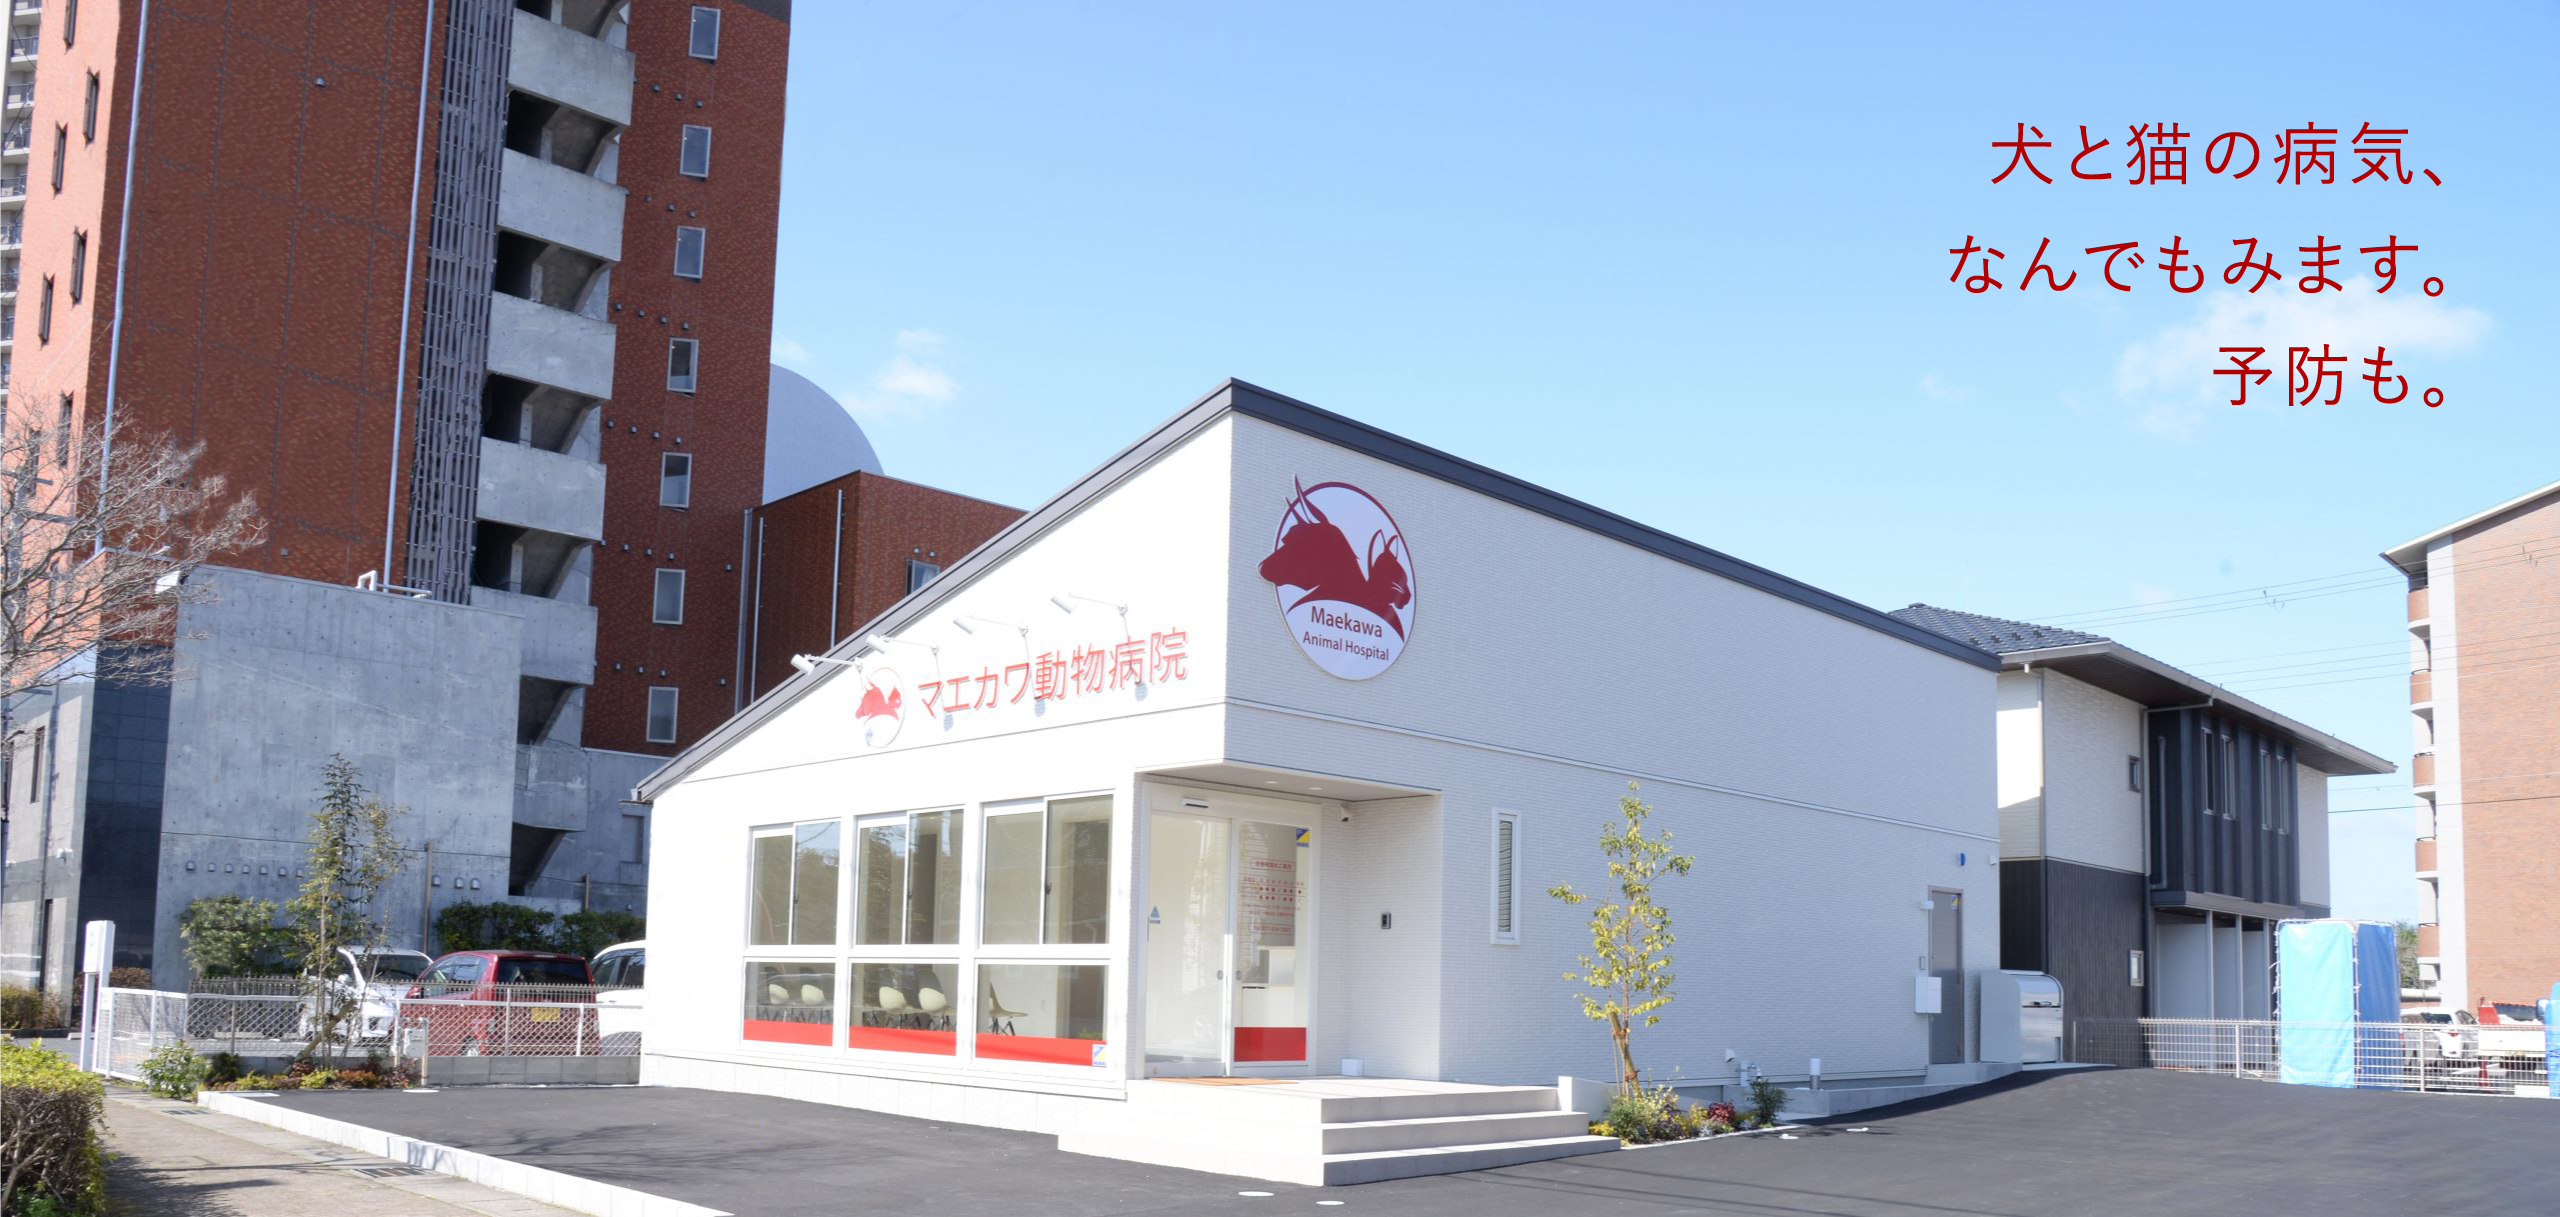 滋賀県栗東市の動物病院、マエカワ動物病院